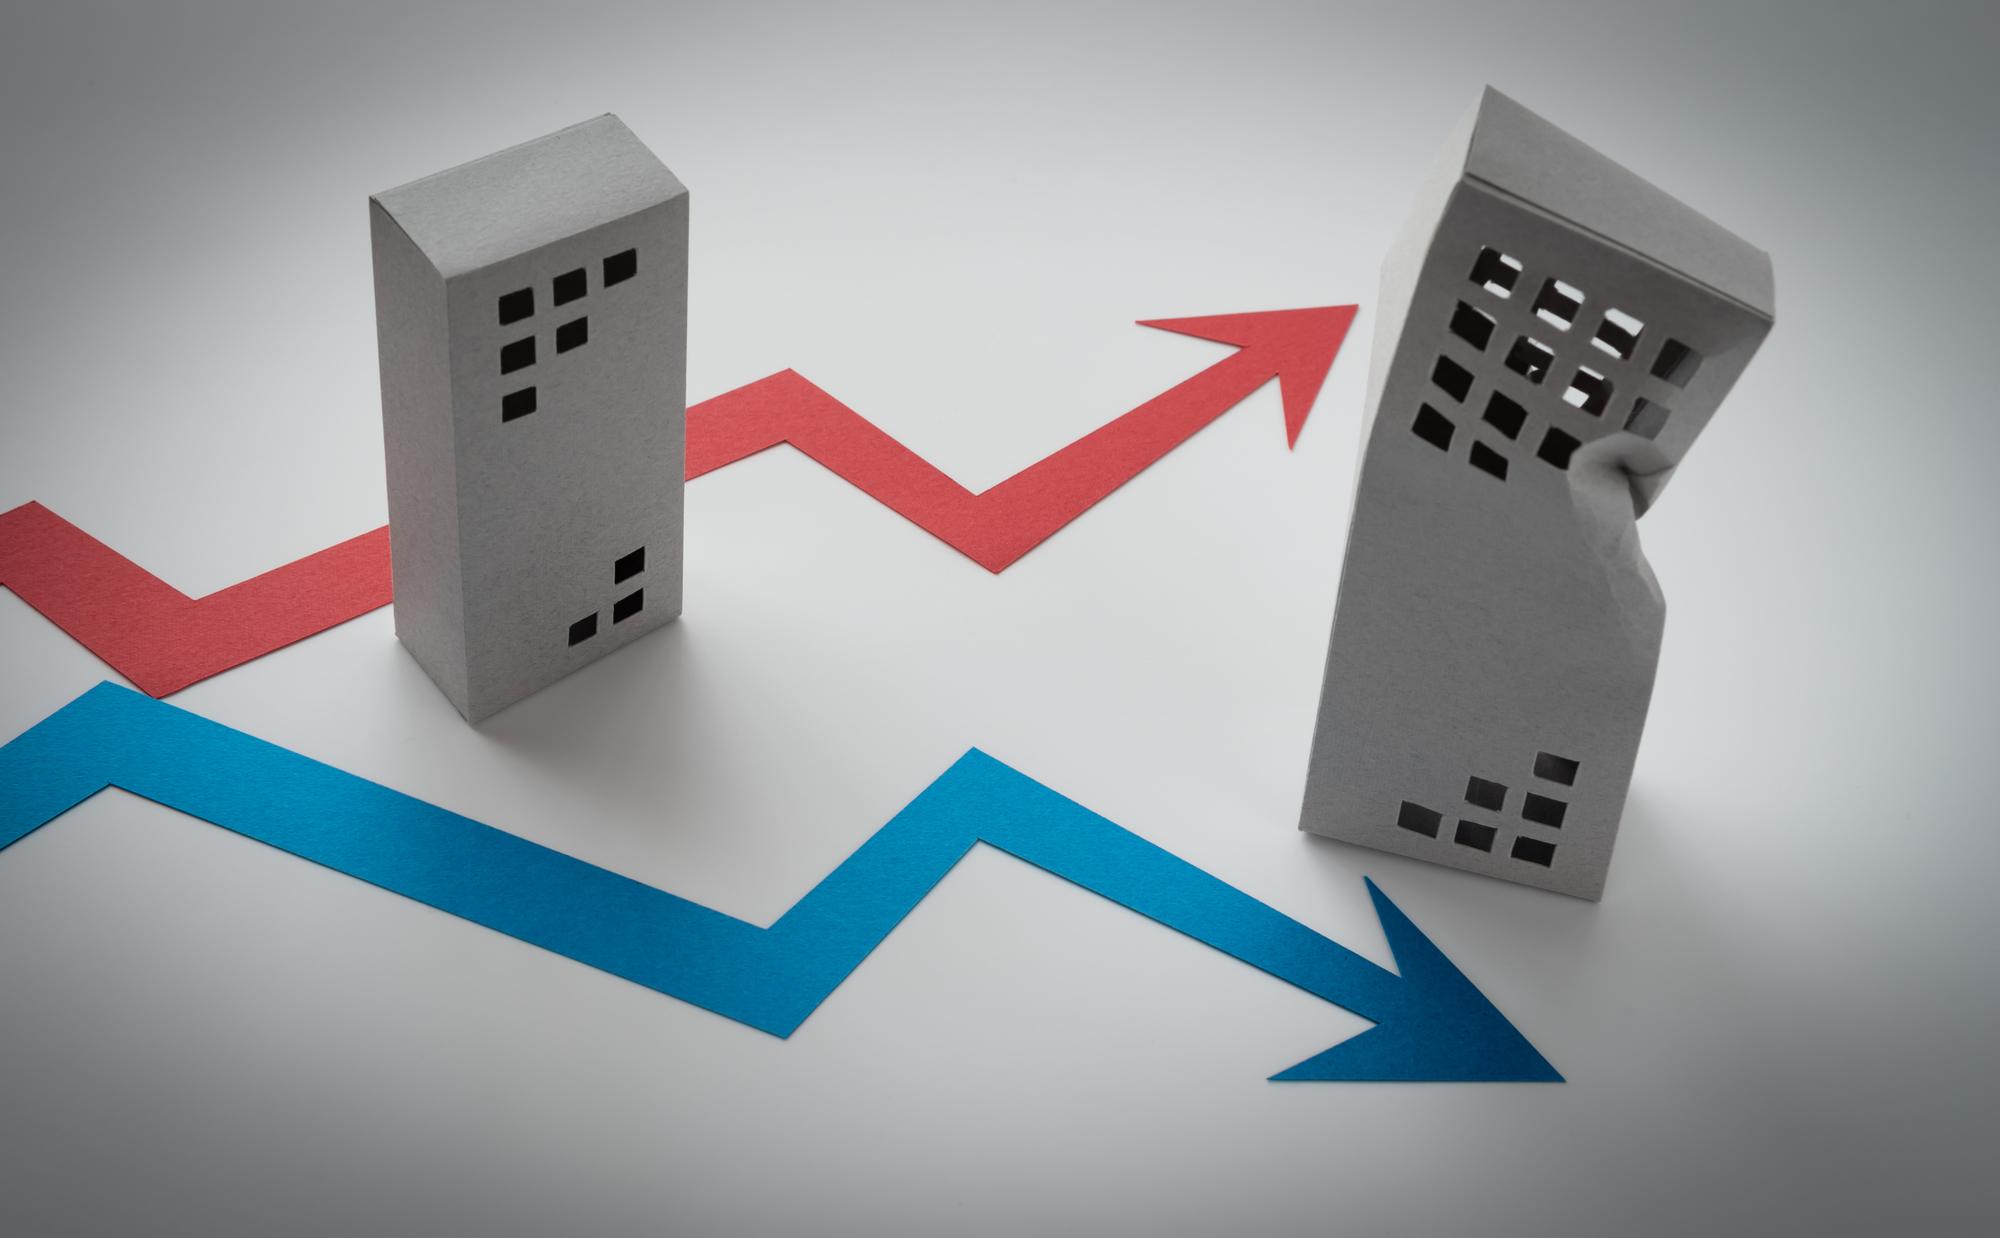 ネットワークエンジニアが企業から求められる働き方 必要な能力とは?